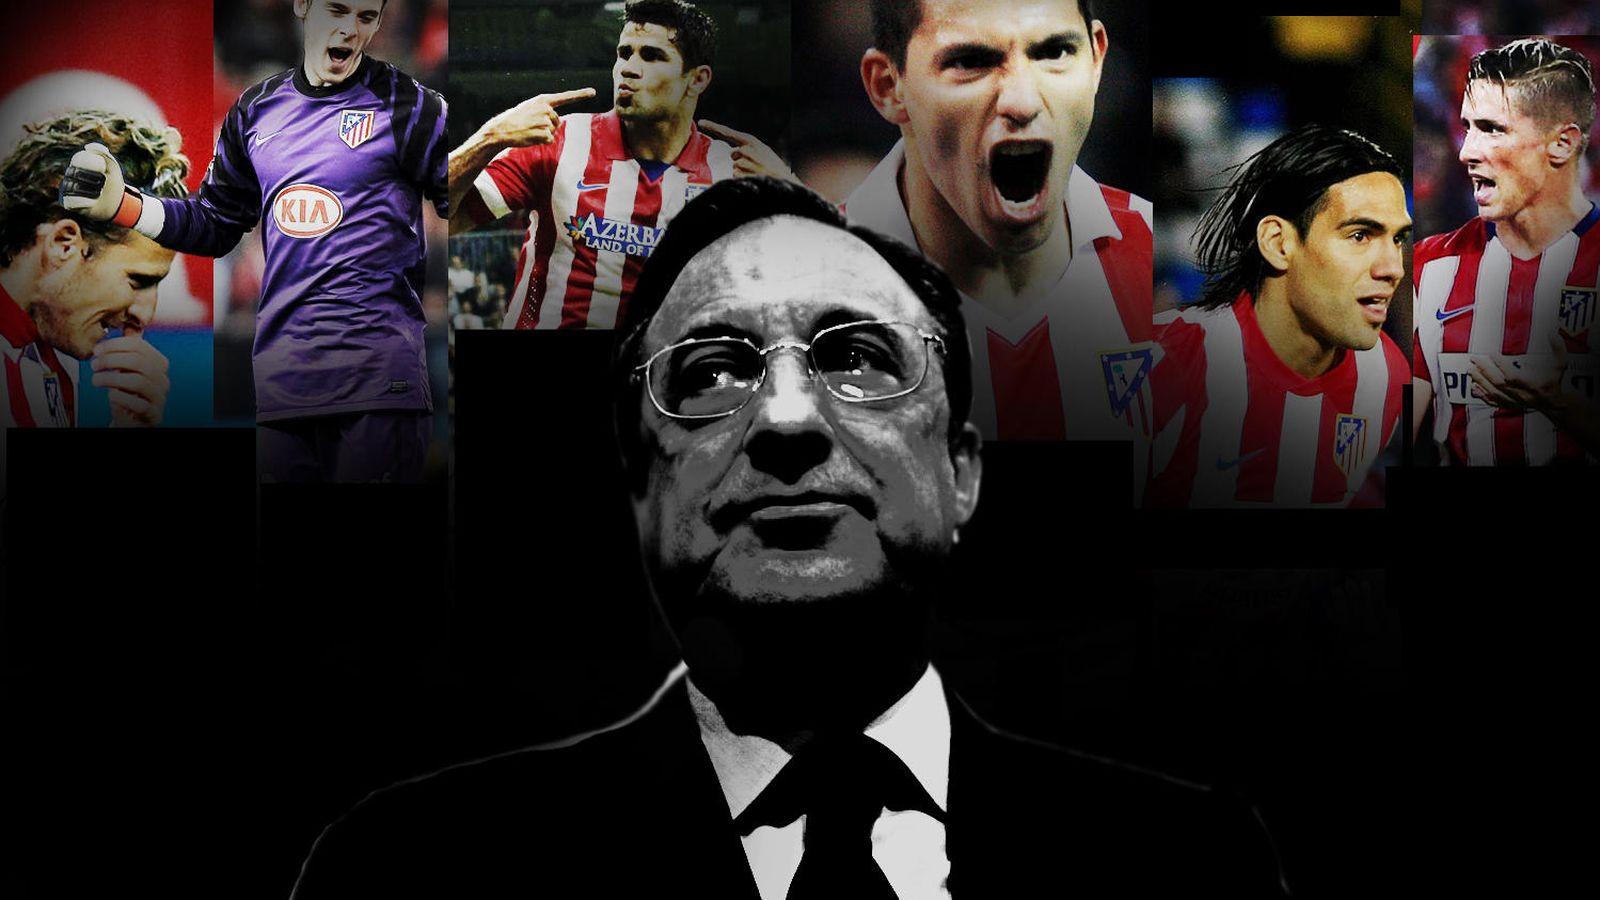 Foto: De izq. a derecha: Forlán, De Gea, Diego Costa, Agüero, Falcao y Torres. (EC)